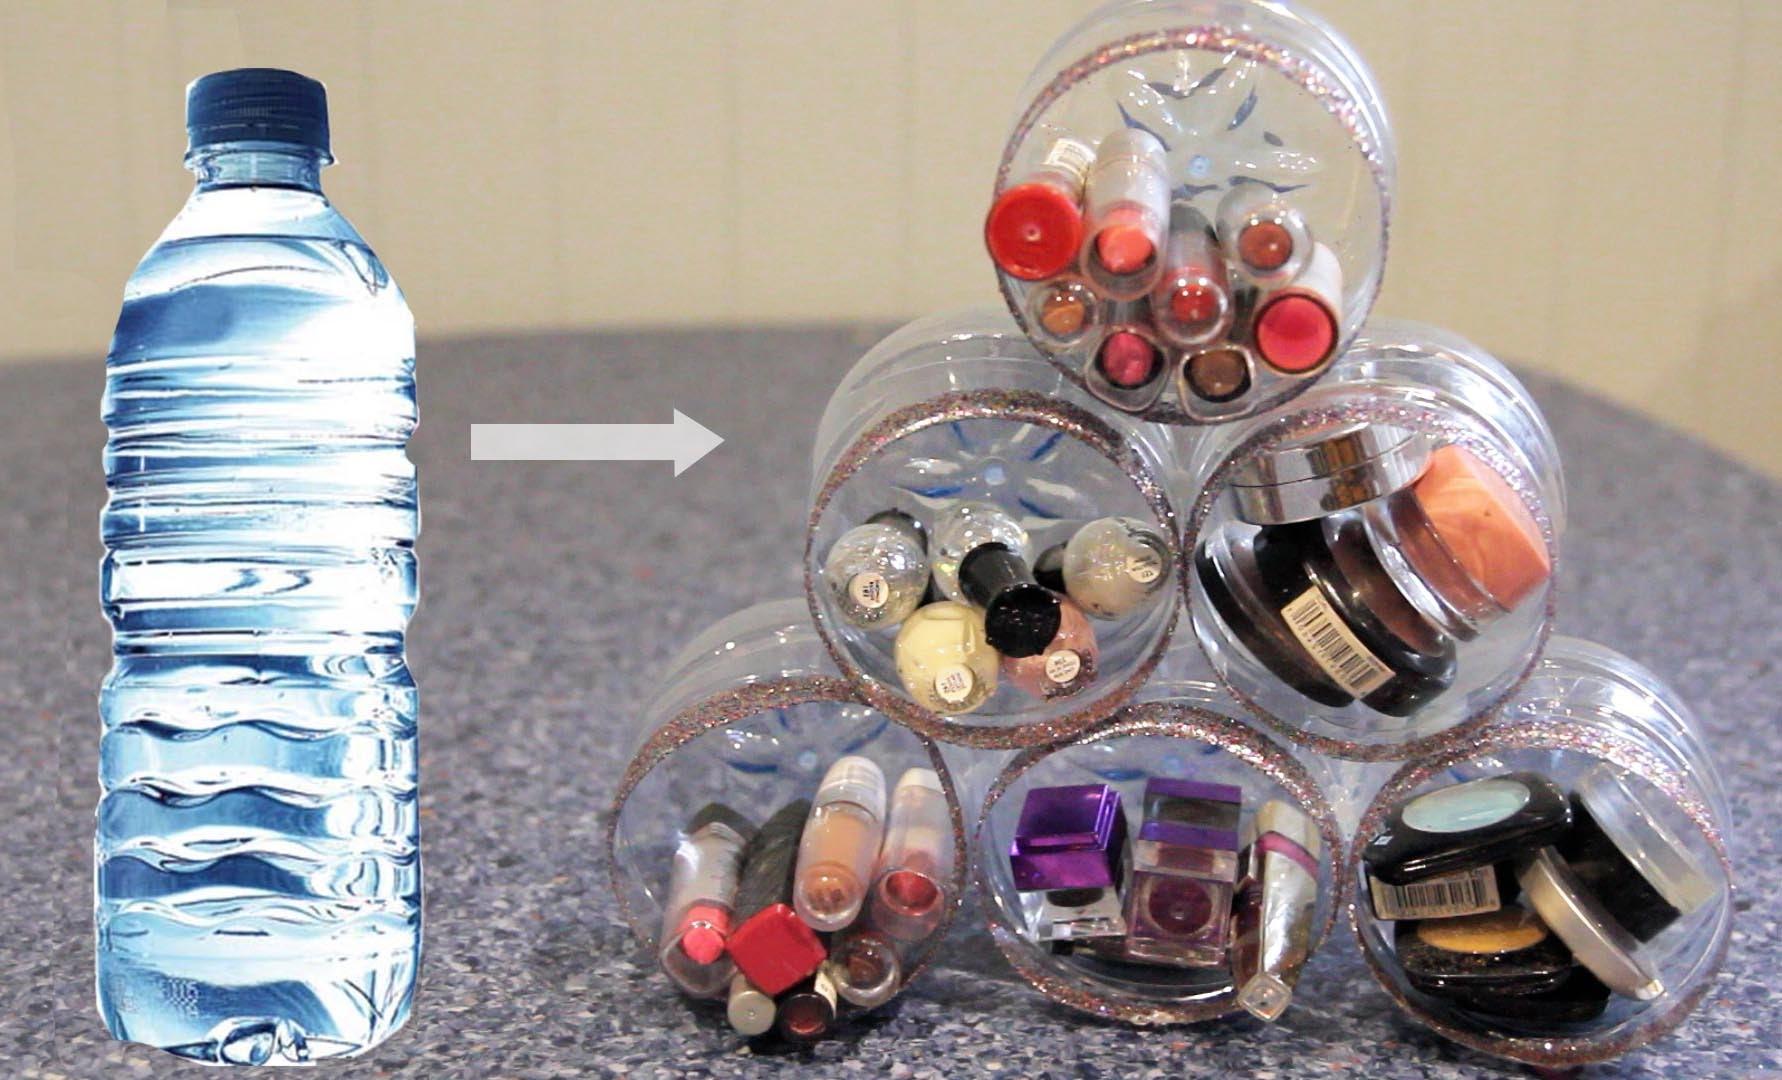 Proyectos geniales de bricolaje hechos con botellas de plástico - Recicla botellas para un propósito organizador brillante (¡Fácil!) - Las mejores manualidades e ideas de bricolaje hechas con una botella de plástico reciclada - Joyas, decoración del hogar, jardineras, tutoriales de proyectos de artesanías - Maneras baratas de decorar y Regalos creativos de bricolaje para las vacaciones de Navidad: proyectos divertidos para adultos, adolescentes y niños http://diyjoy.com/diy-projects-plastic-bottles